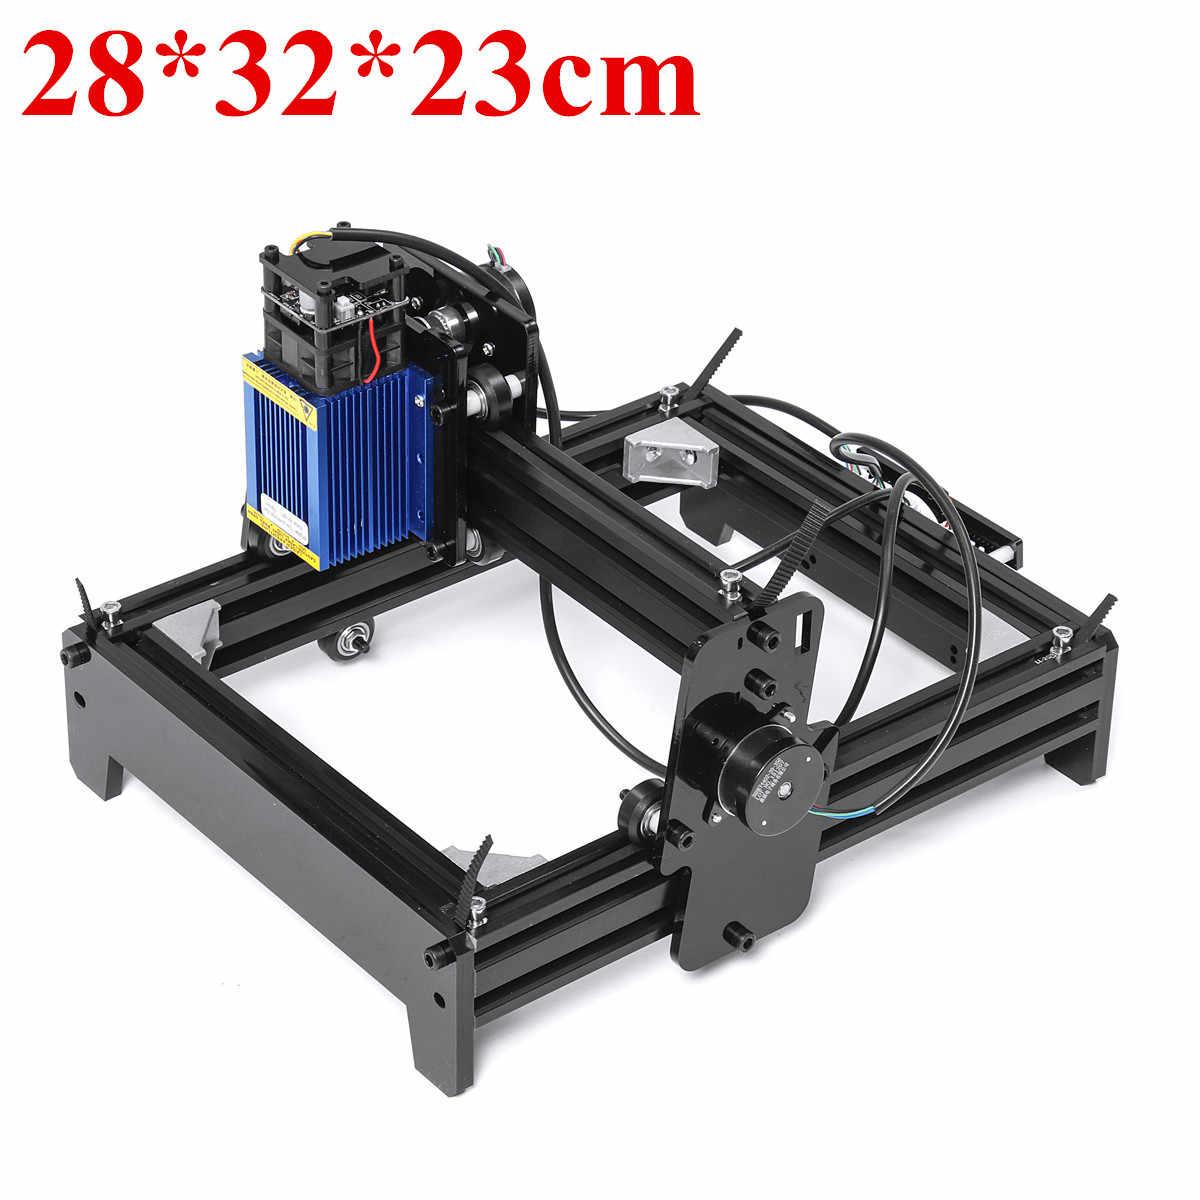 10 W/12 W/15 W 15000 MW Laser Presisi Tinggi Mesin Ukiran Kayu Logam Menandai Engraving Rumah logo Logo Printer Cutter Router Kayu